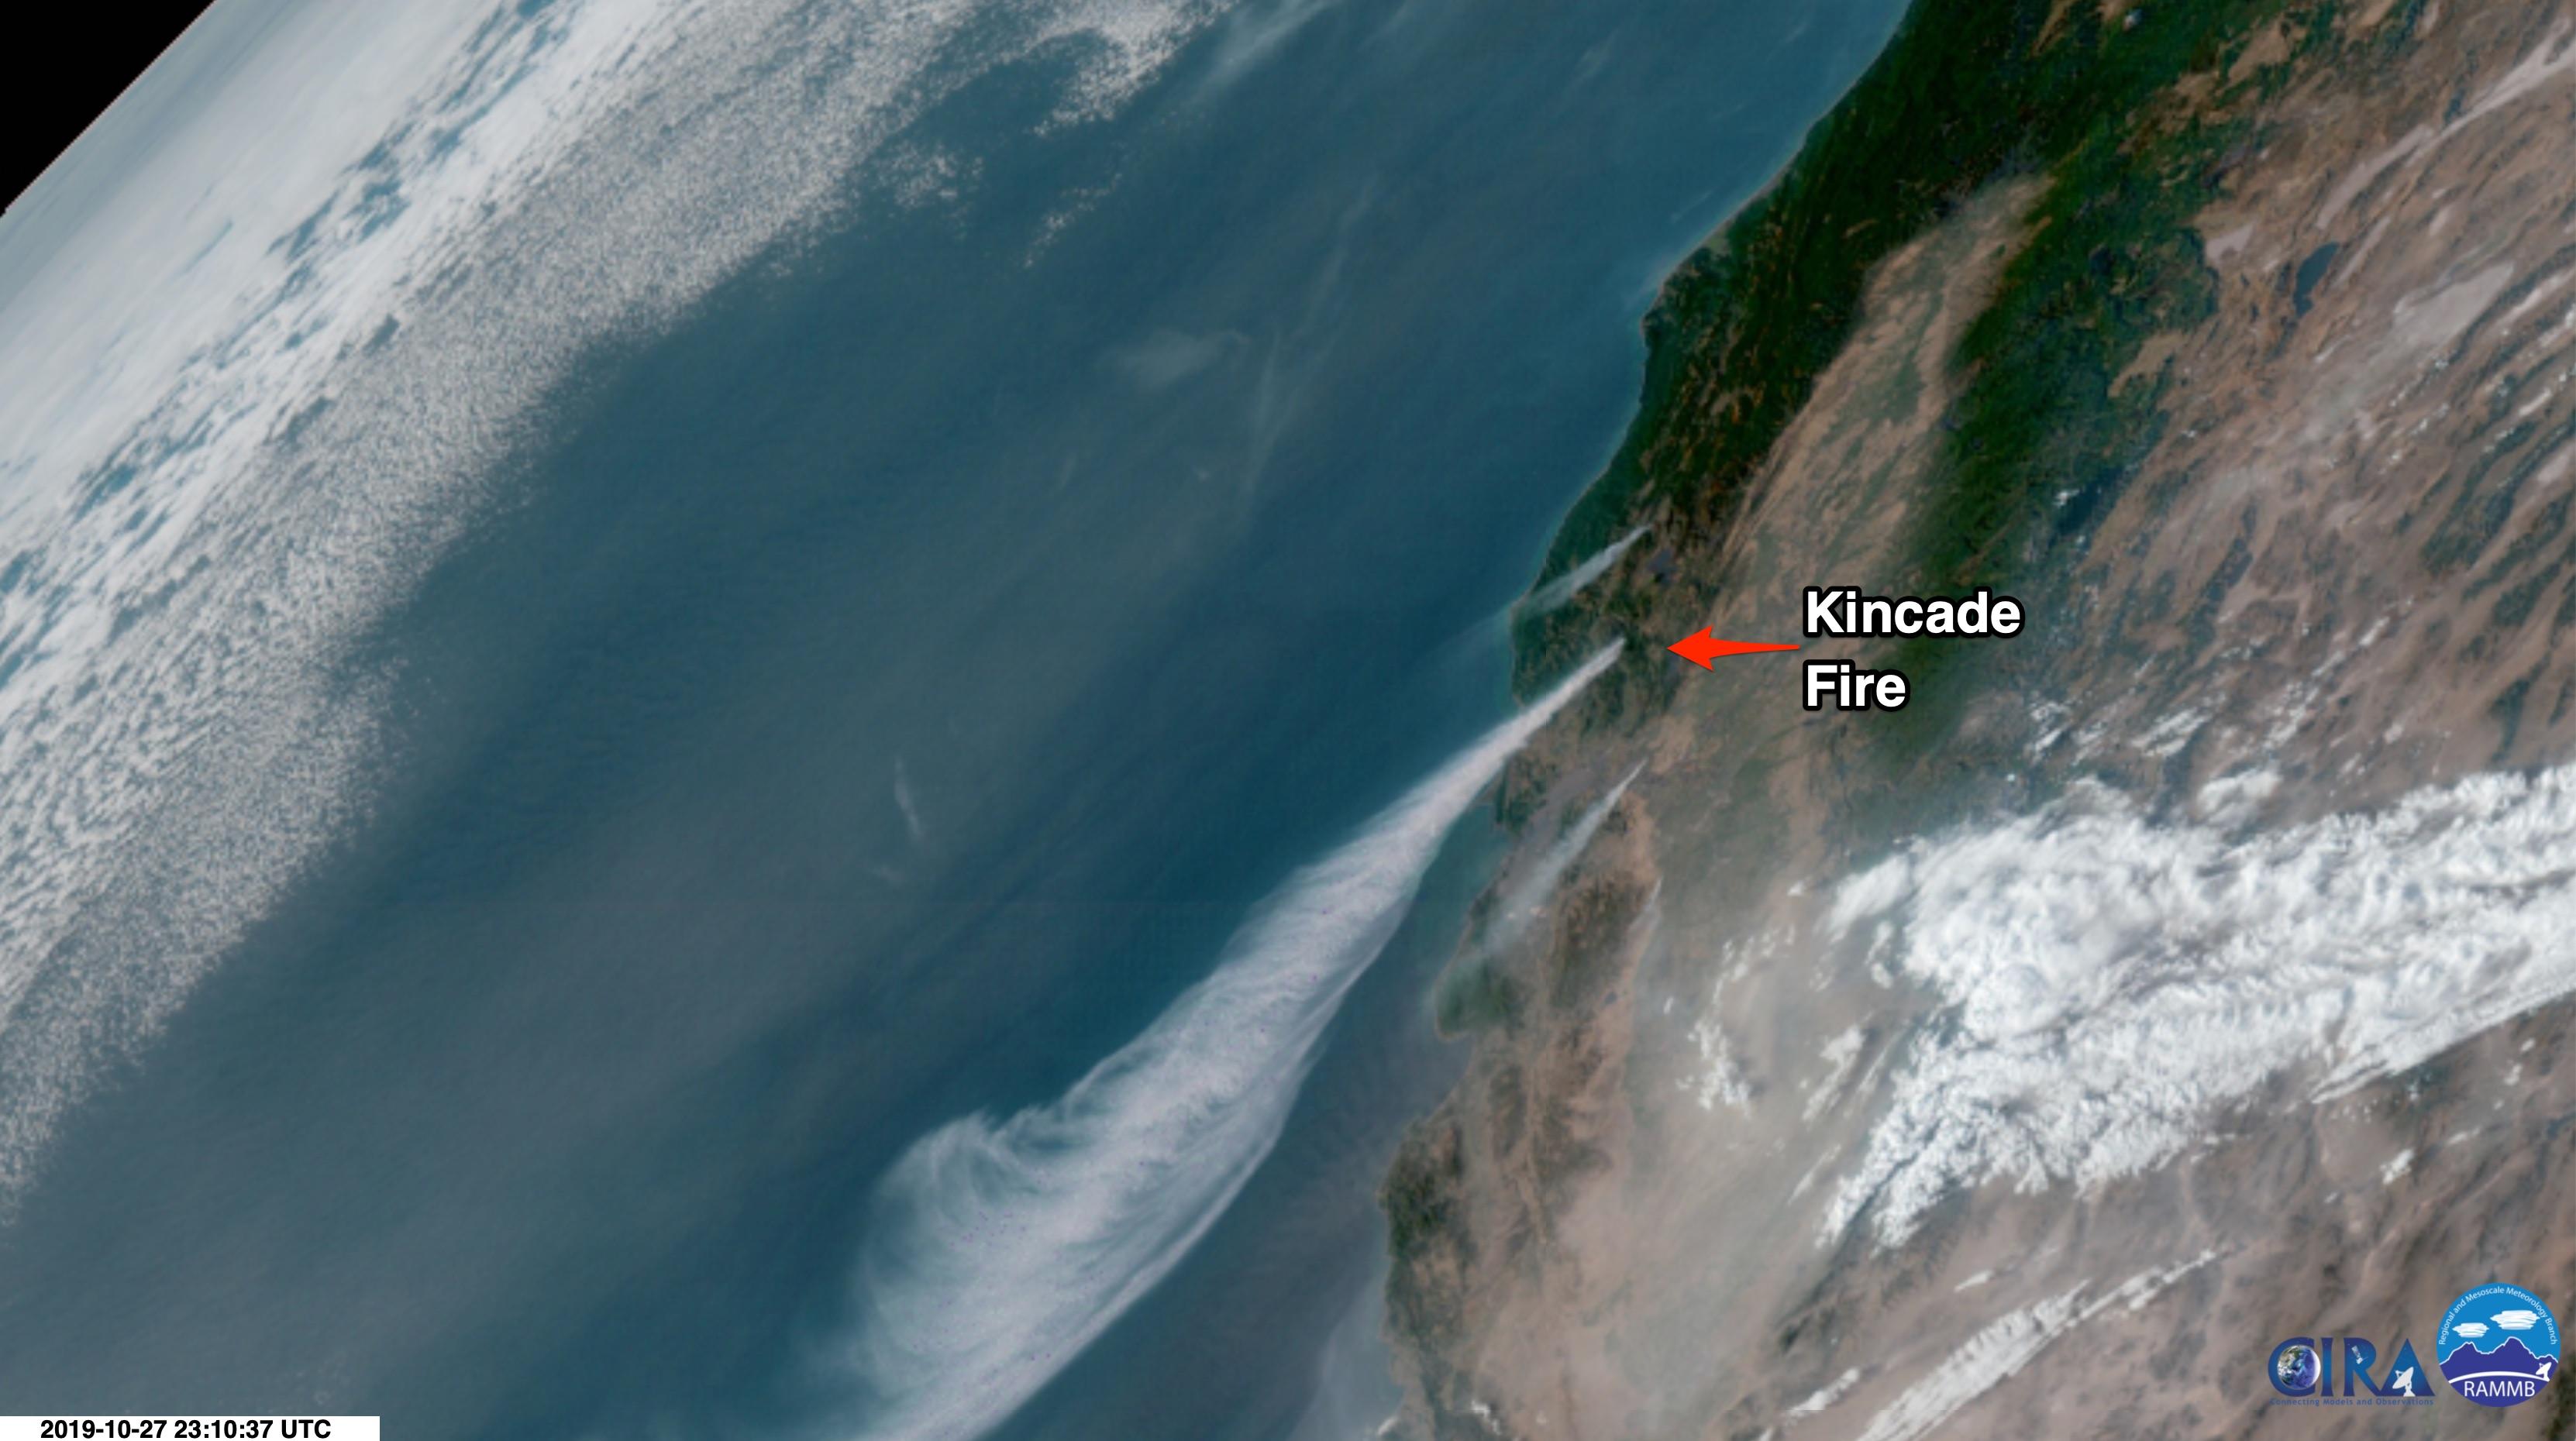 Kincade Fire_Oct 27